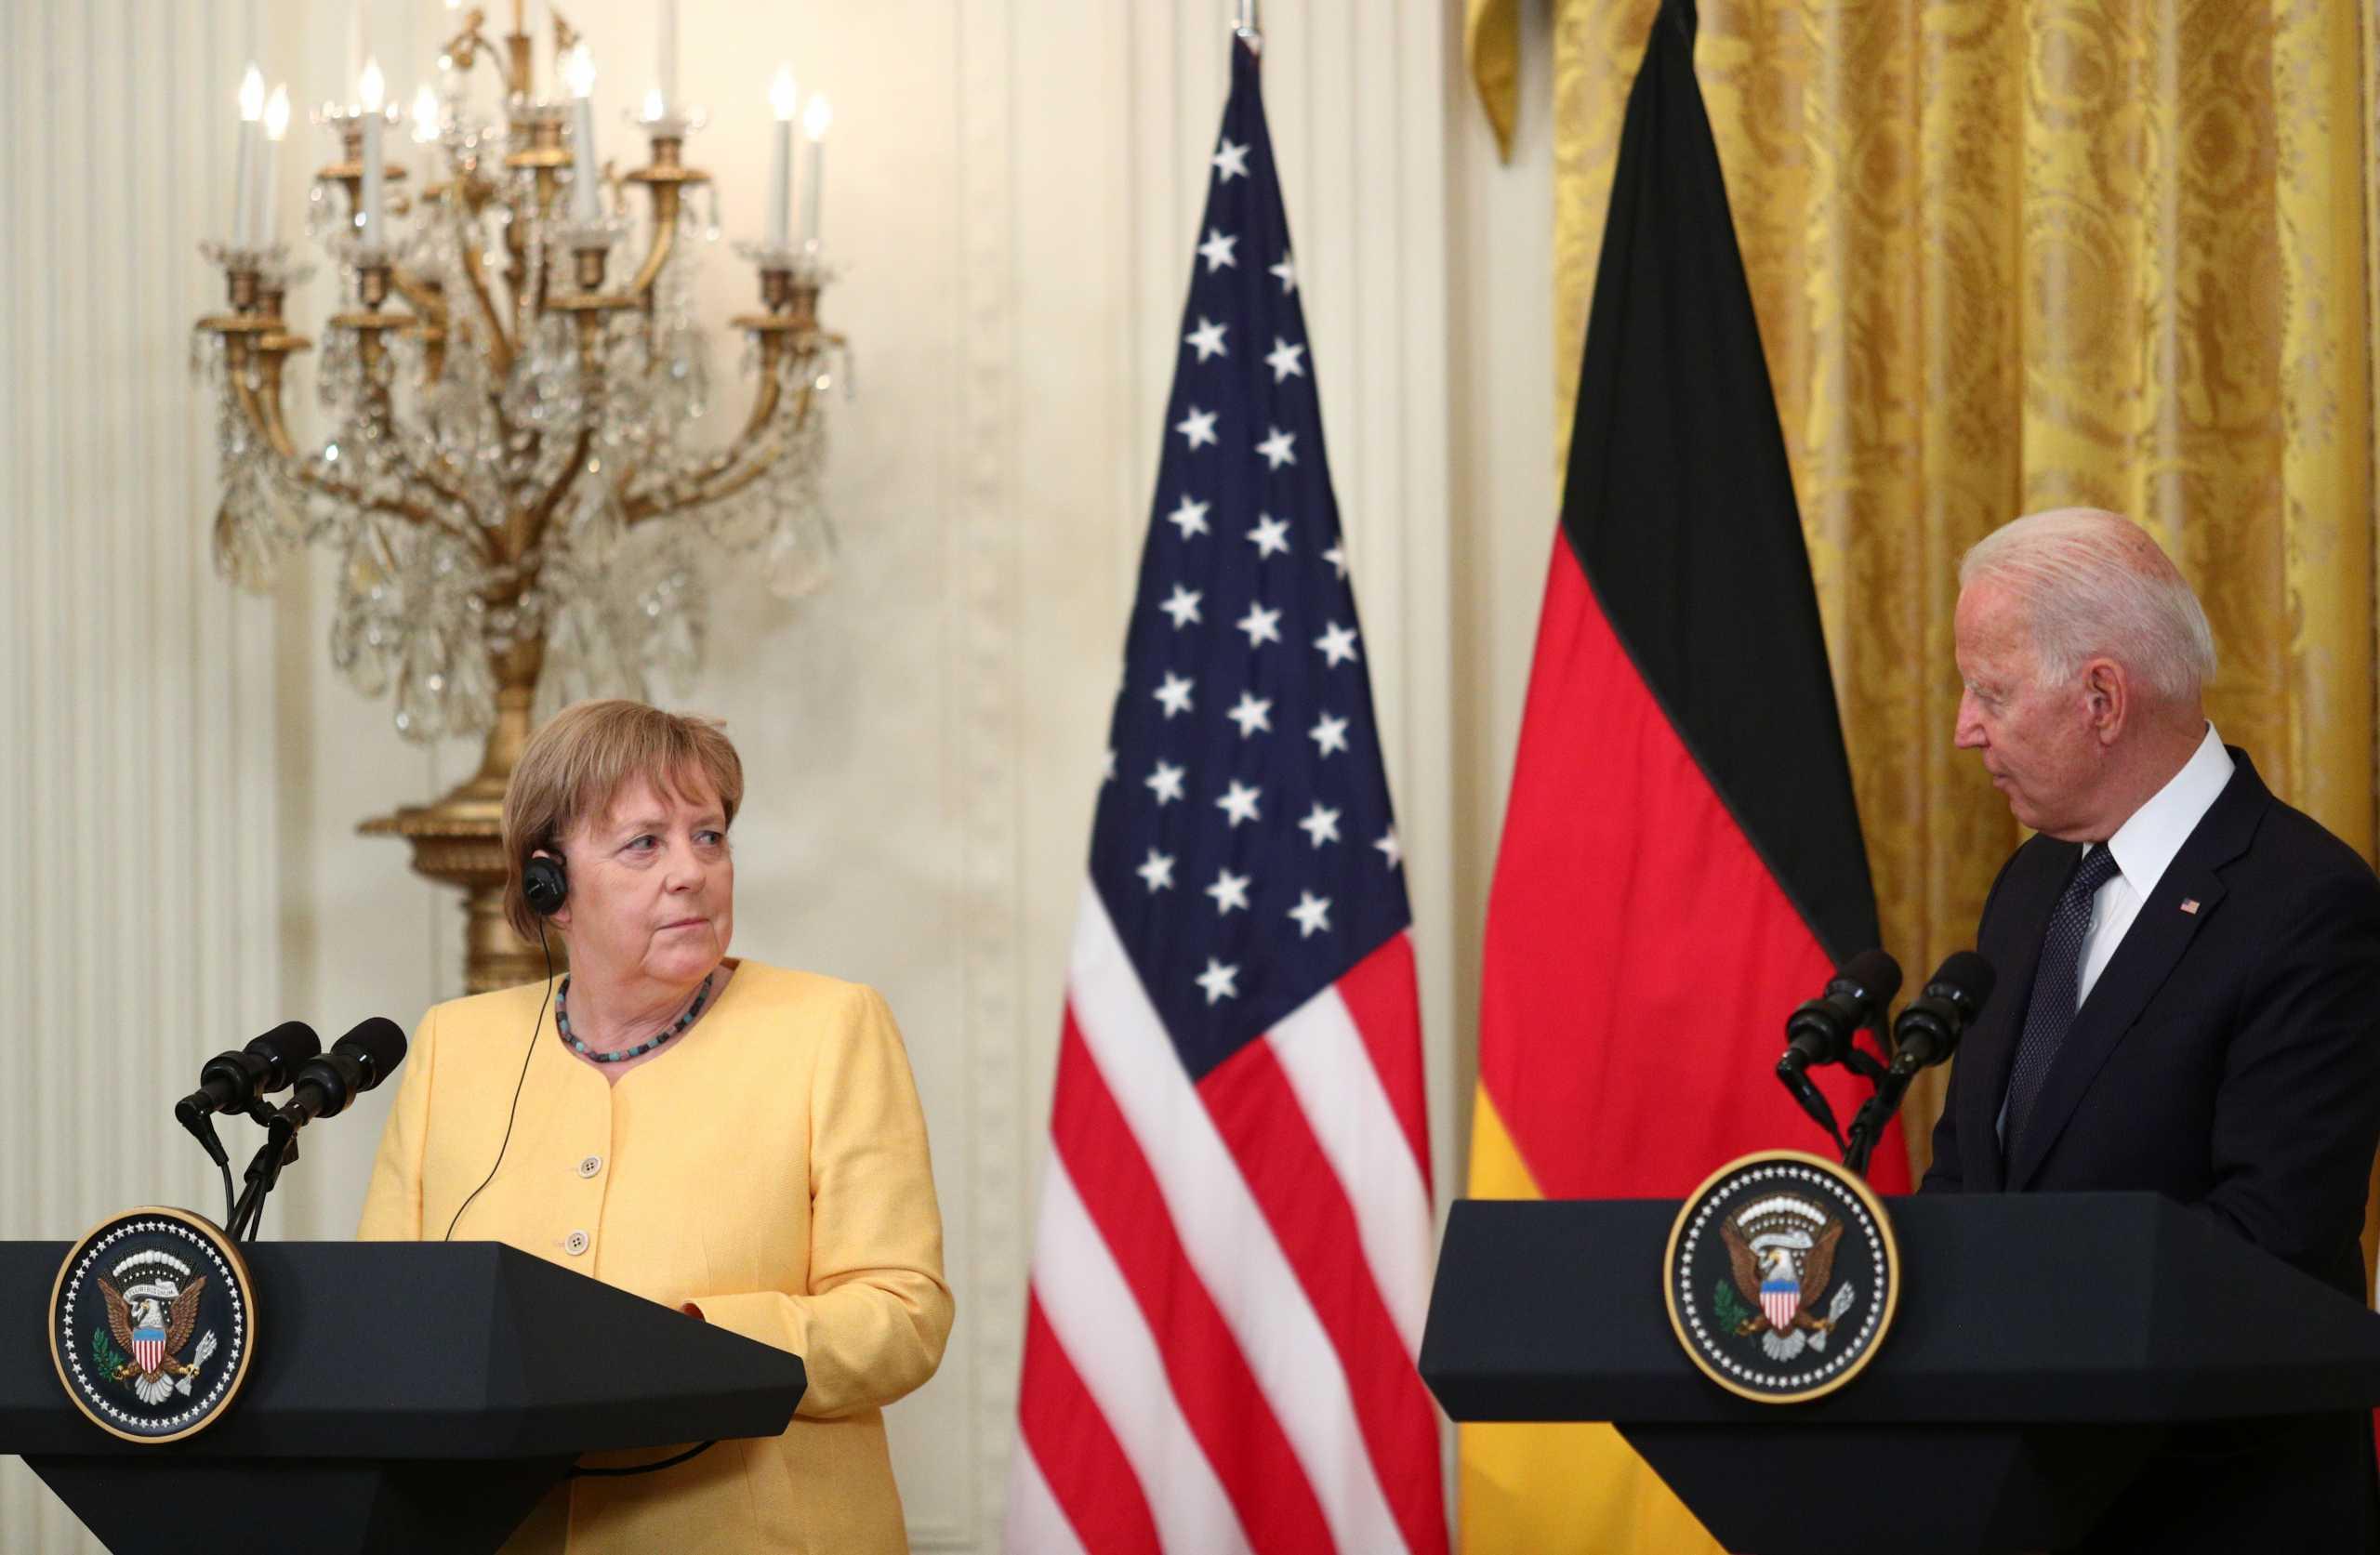 Μπάιντεν και Μέρκελ «χτίζουν» κοινό μέτωπο κατά της Ρωσίας – Διαφωνούν για Nord Stream 2 και Κίνα